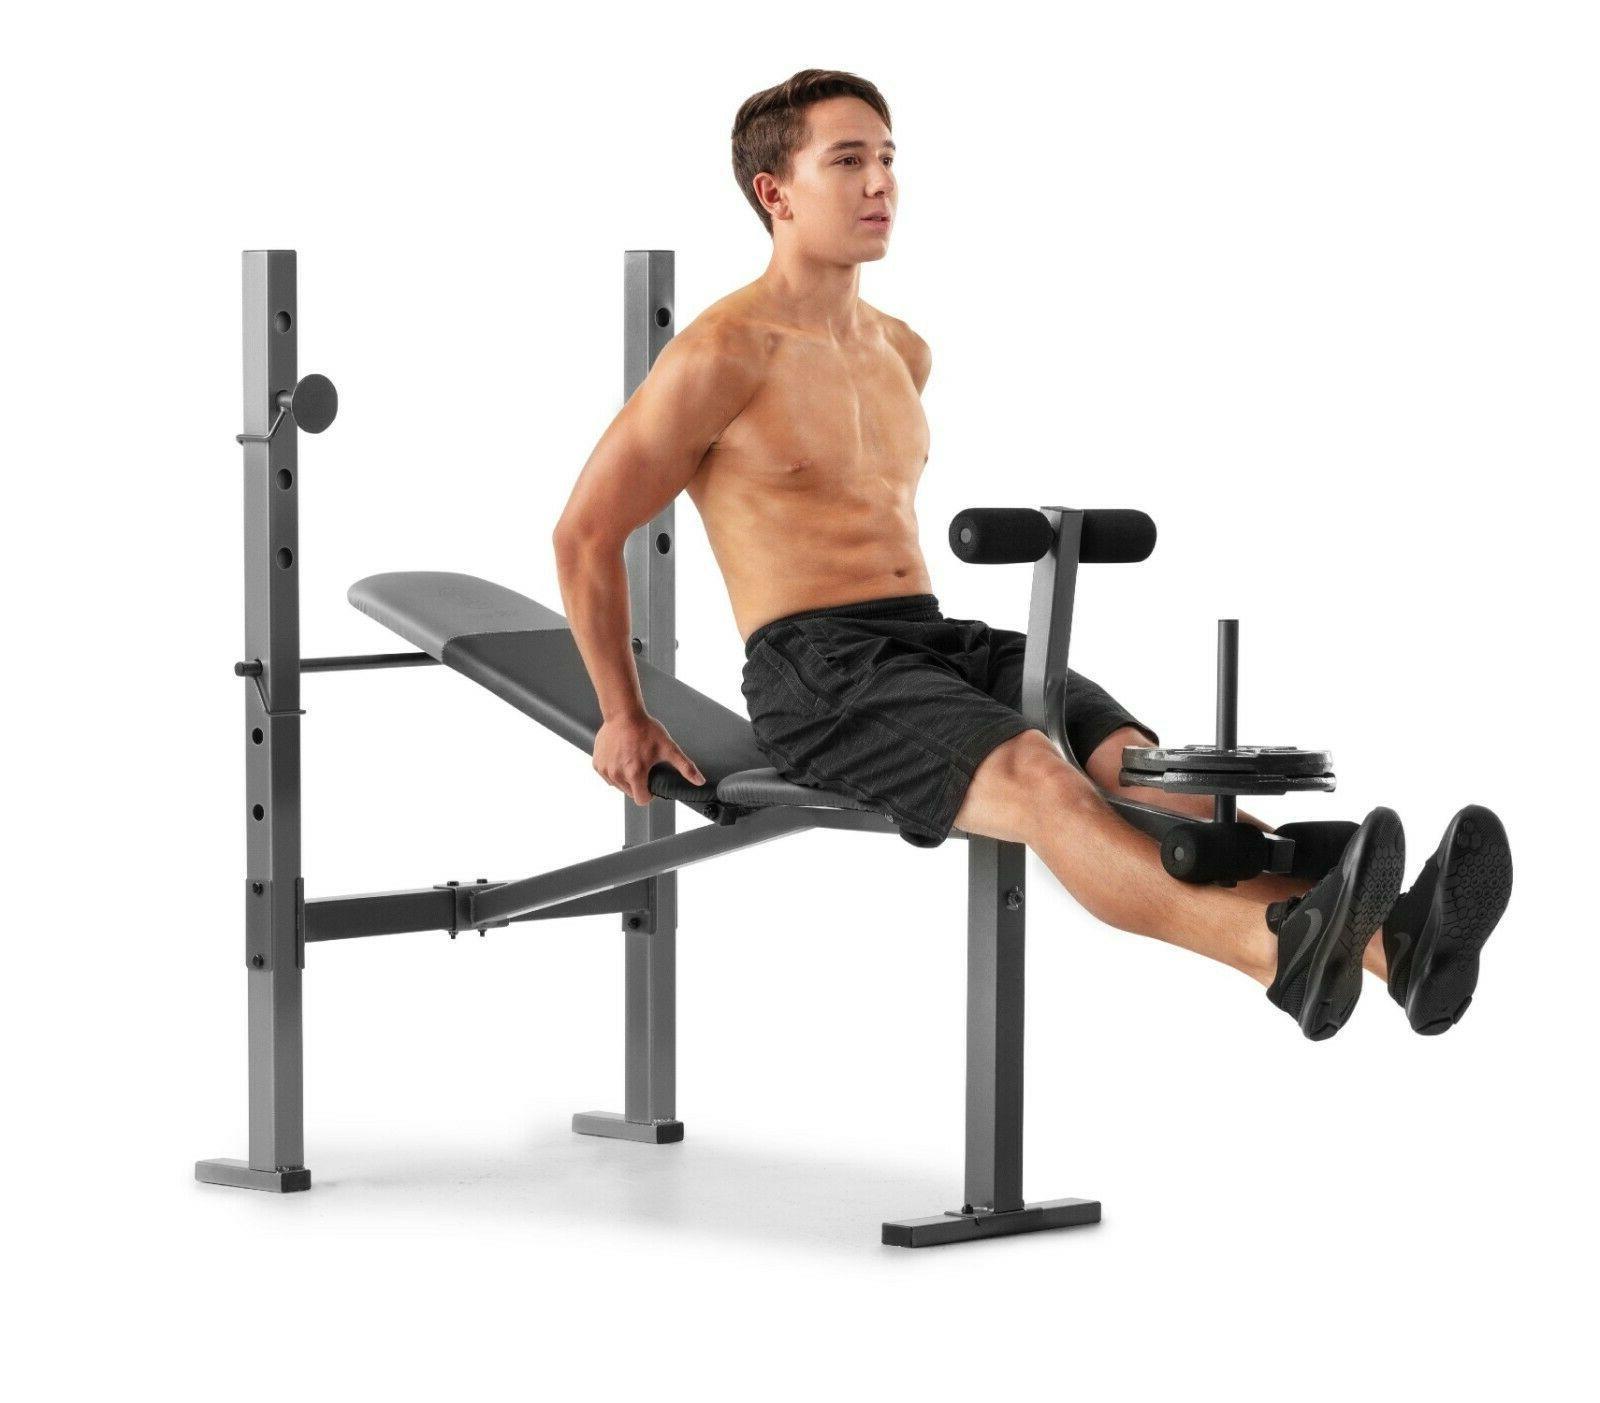 Weider Workout Weight Leg